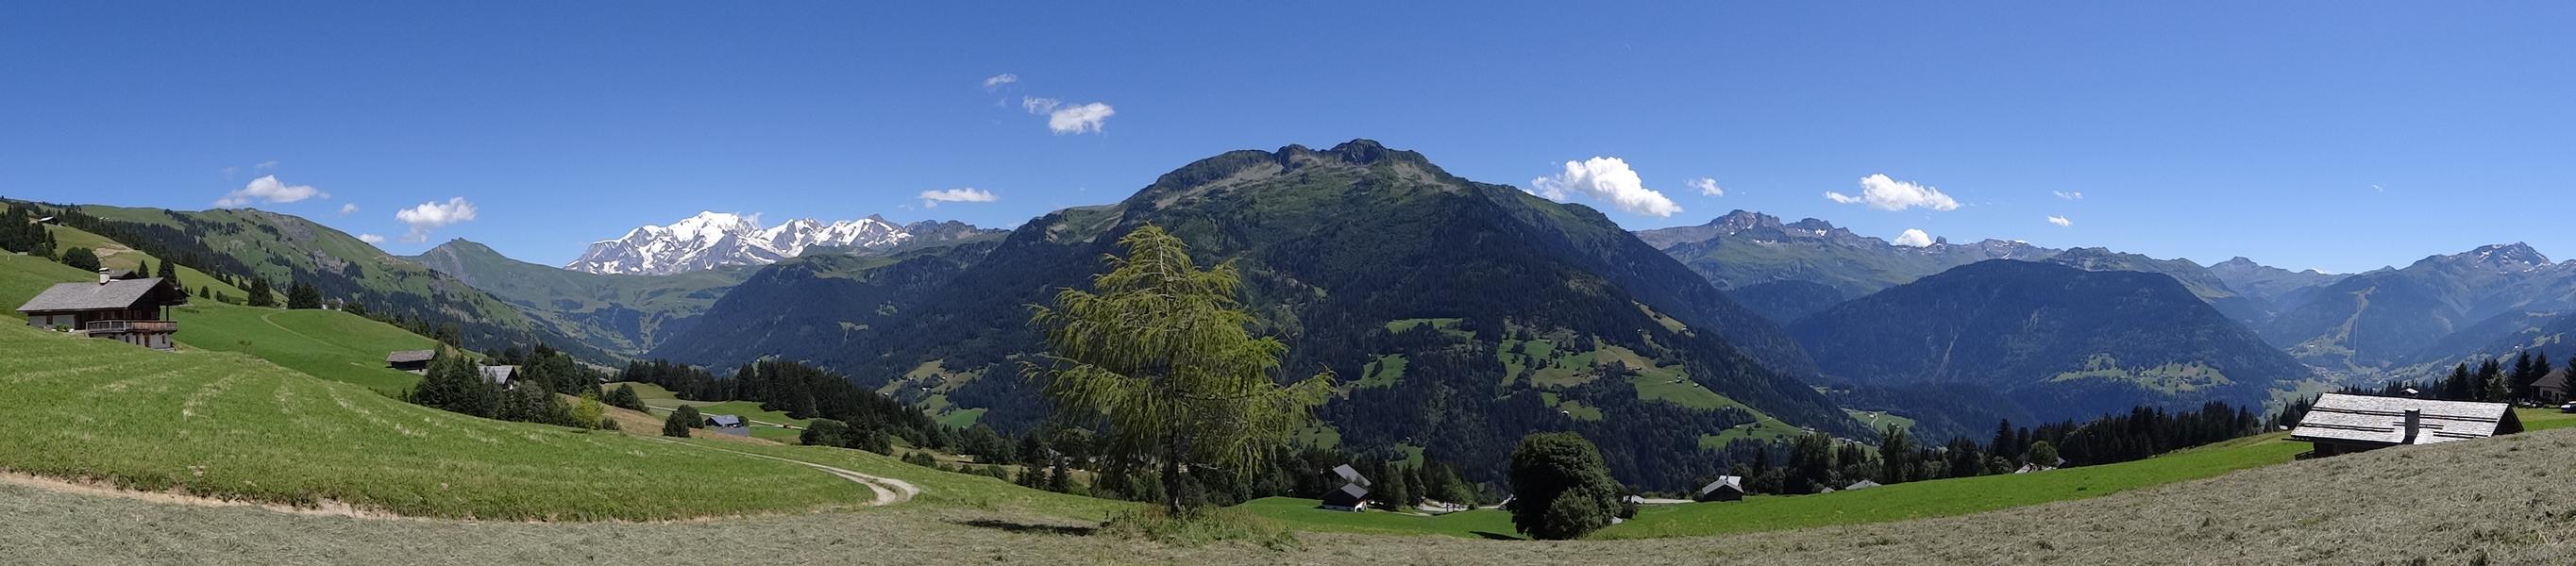 De gauche à droite : le Mont Clocher, les Aiguilles Croches, le Col du Joly, la Chaîne du Mont Blanc, la Montagne d'Outray, l'Aiguille du Grand Fond, la Pierra Menta, Arêches et le Grand Mont